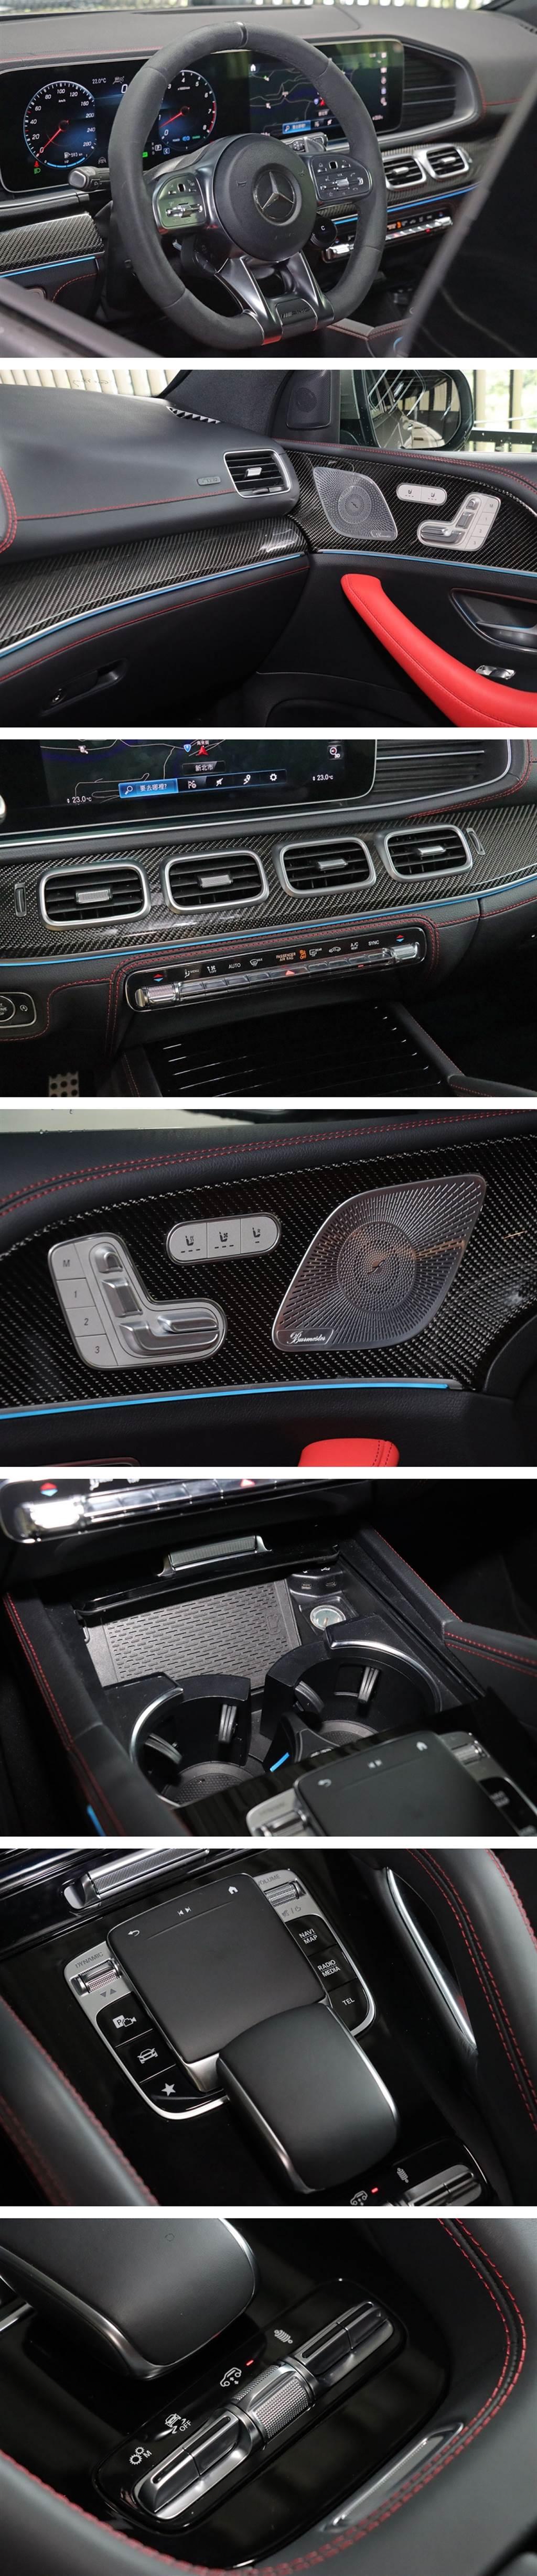 控制台後方分別為變速箱手自動模式、ESP 防滑系統狀態、氣壓避震高度、避震器軟硬及 AMG Performance 排氣系統調整。